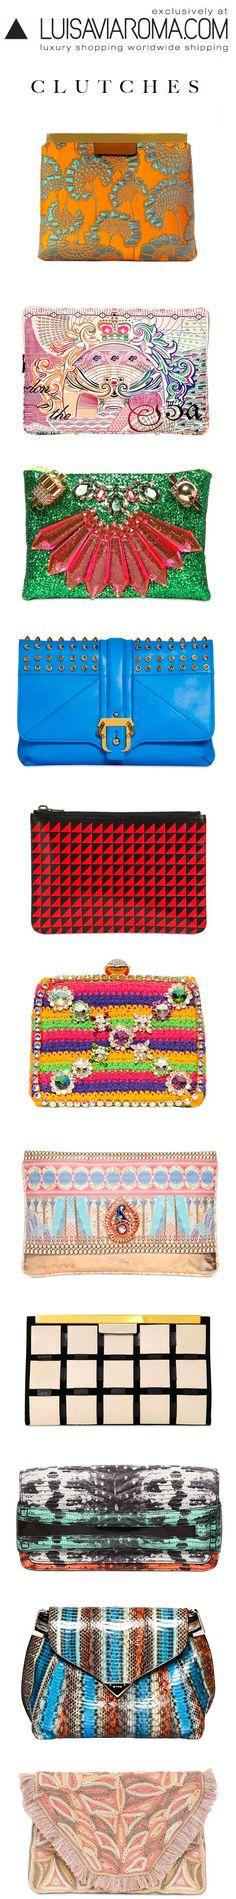 Clutches! #Clutches #handbags #Polka Dots Boutique